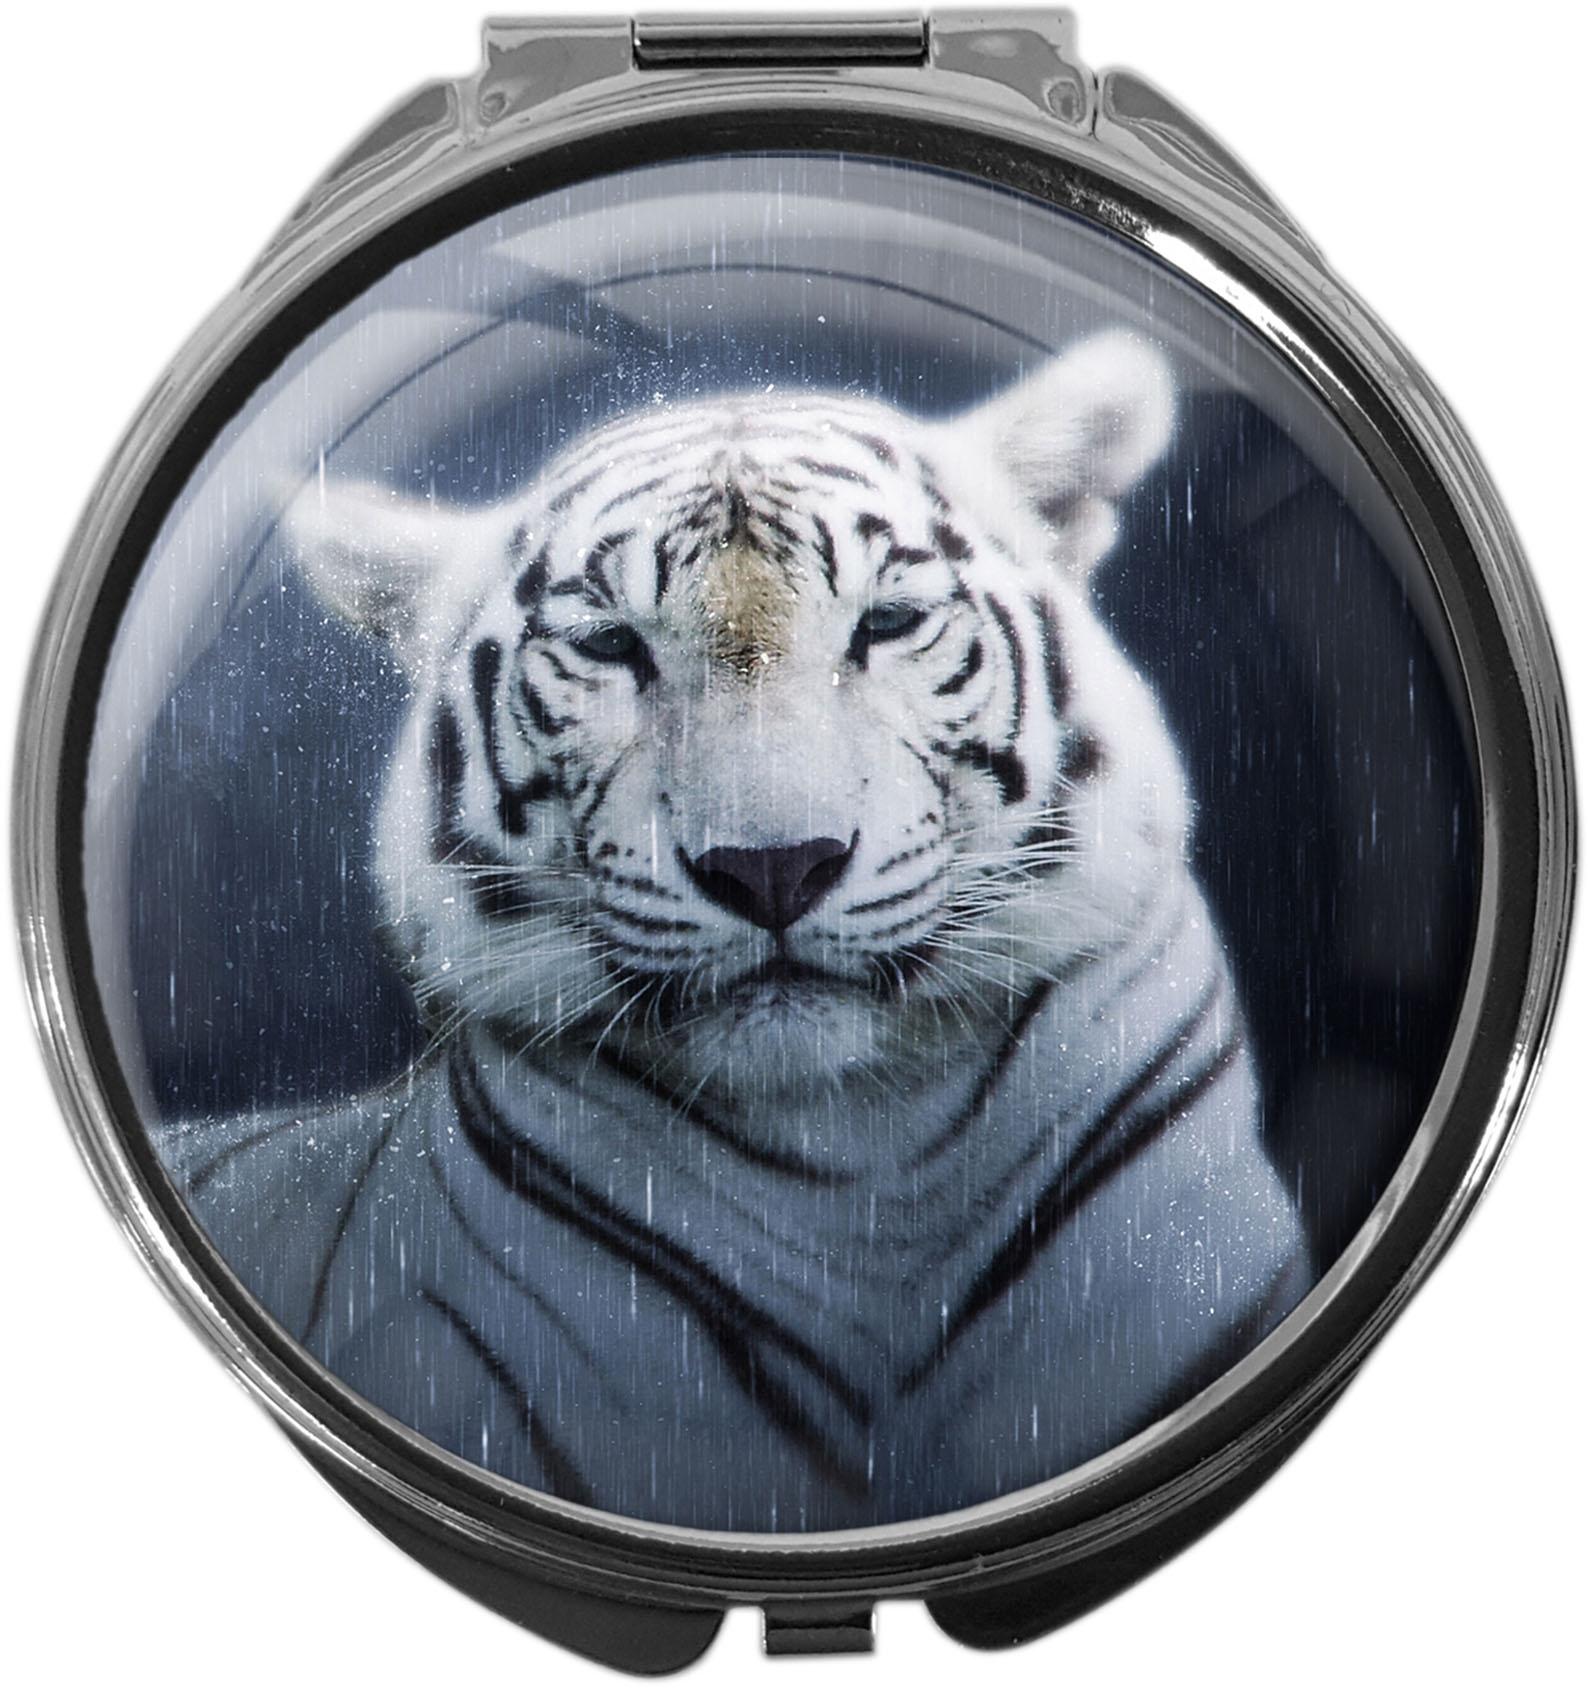 Pillendose / Tiger / Raubtiere / Wildkatzen